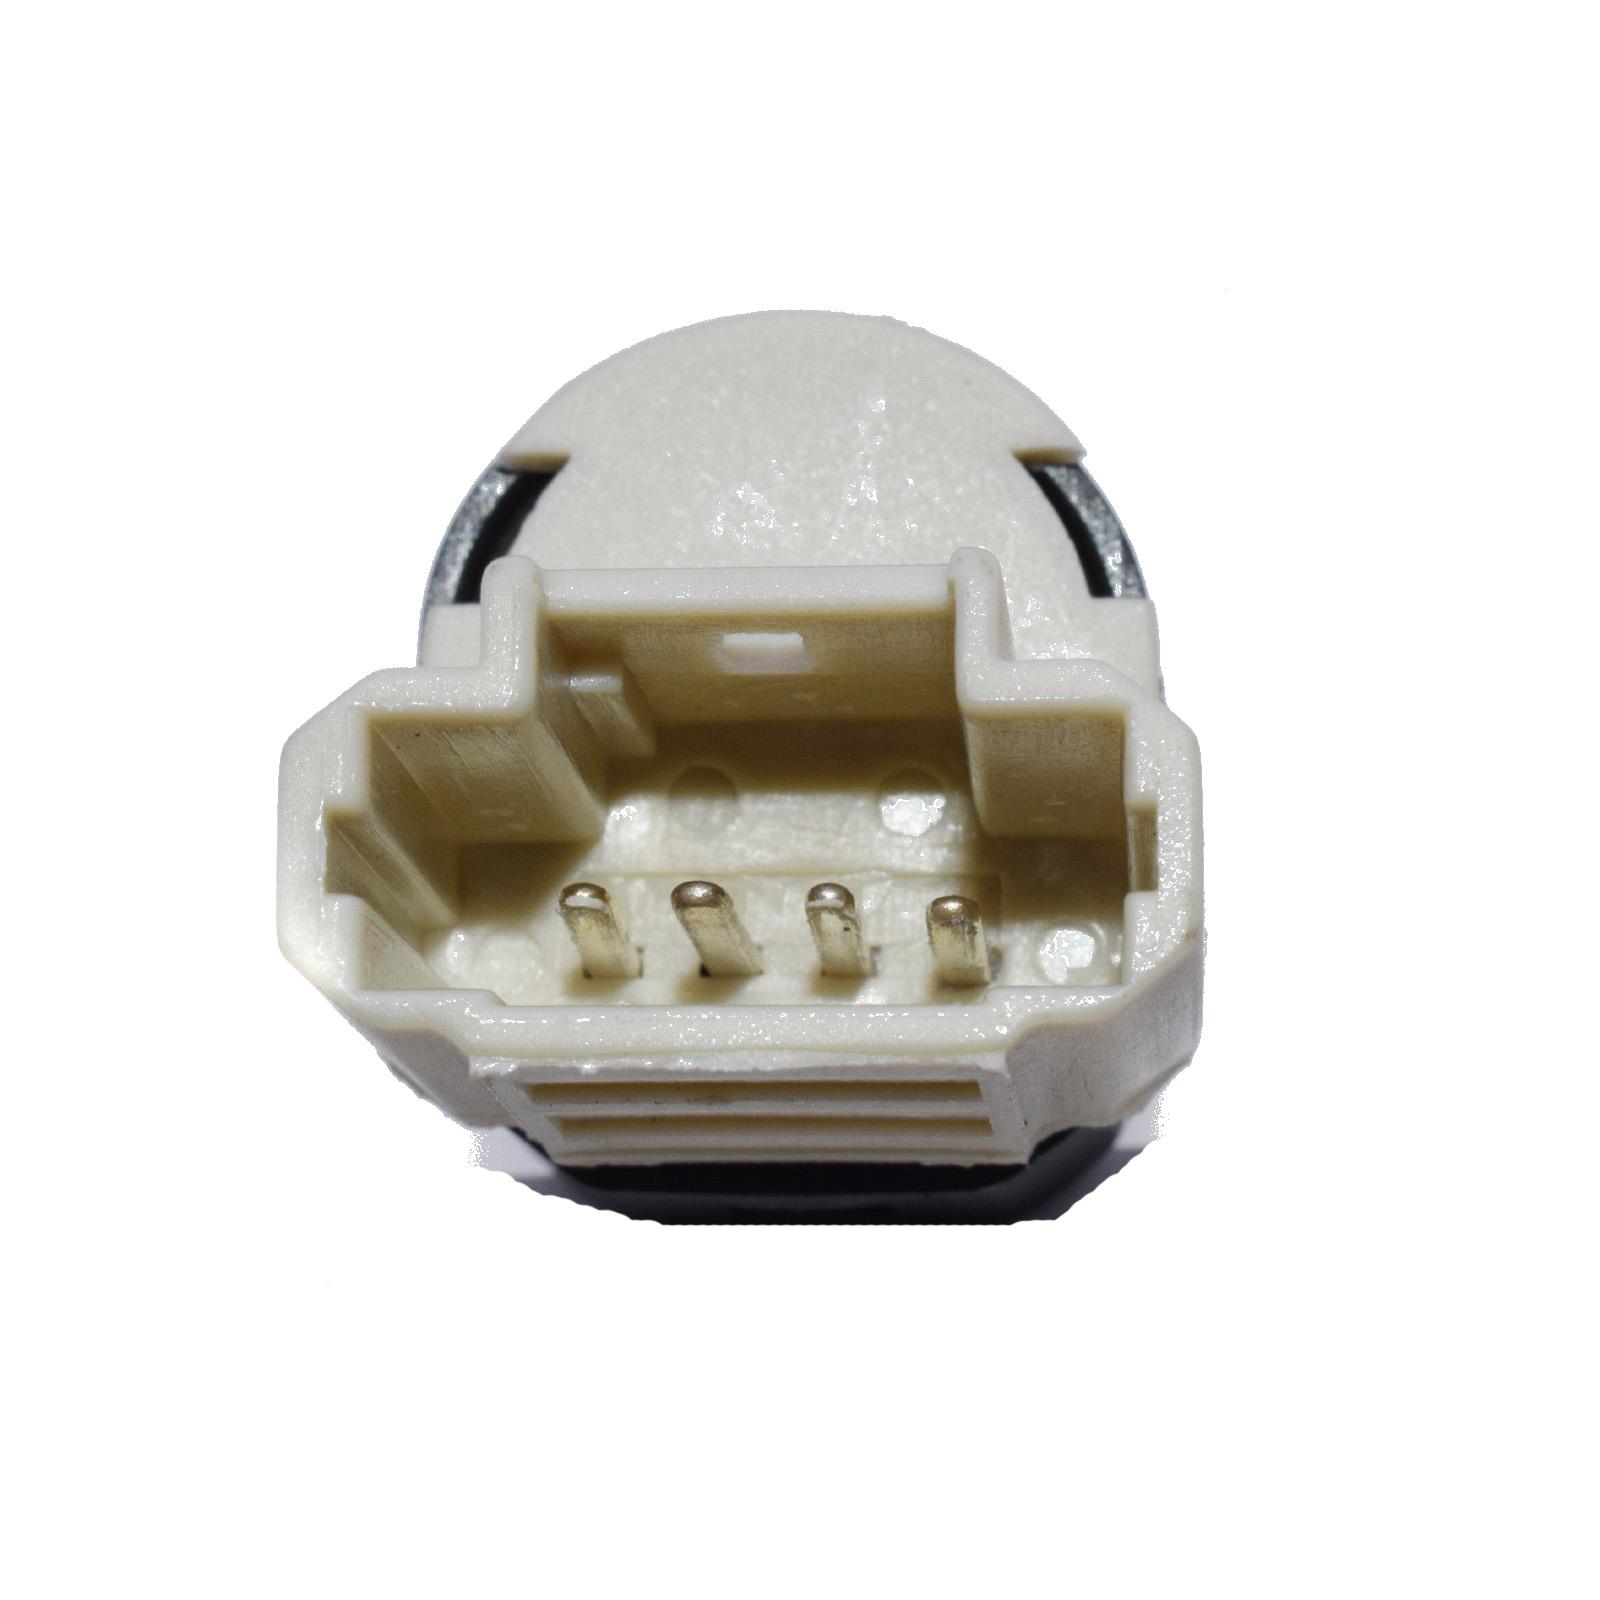 Renault Kangoo 1.5 dCi 2 Pin Green Housing Lemark Reverse Light Switch